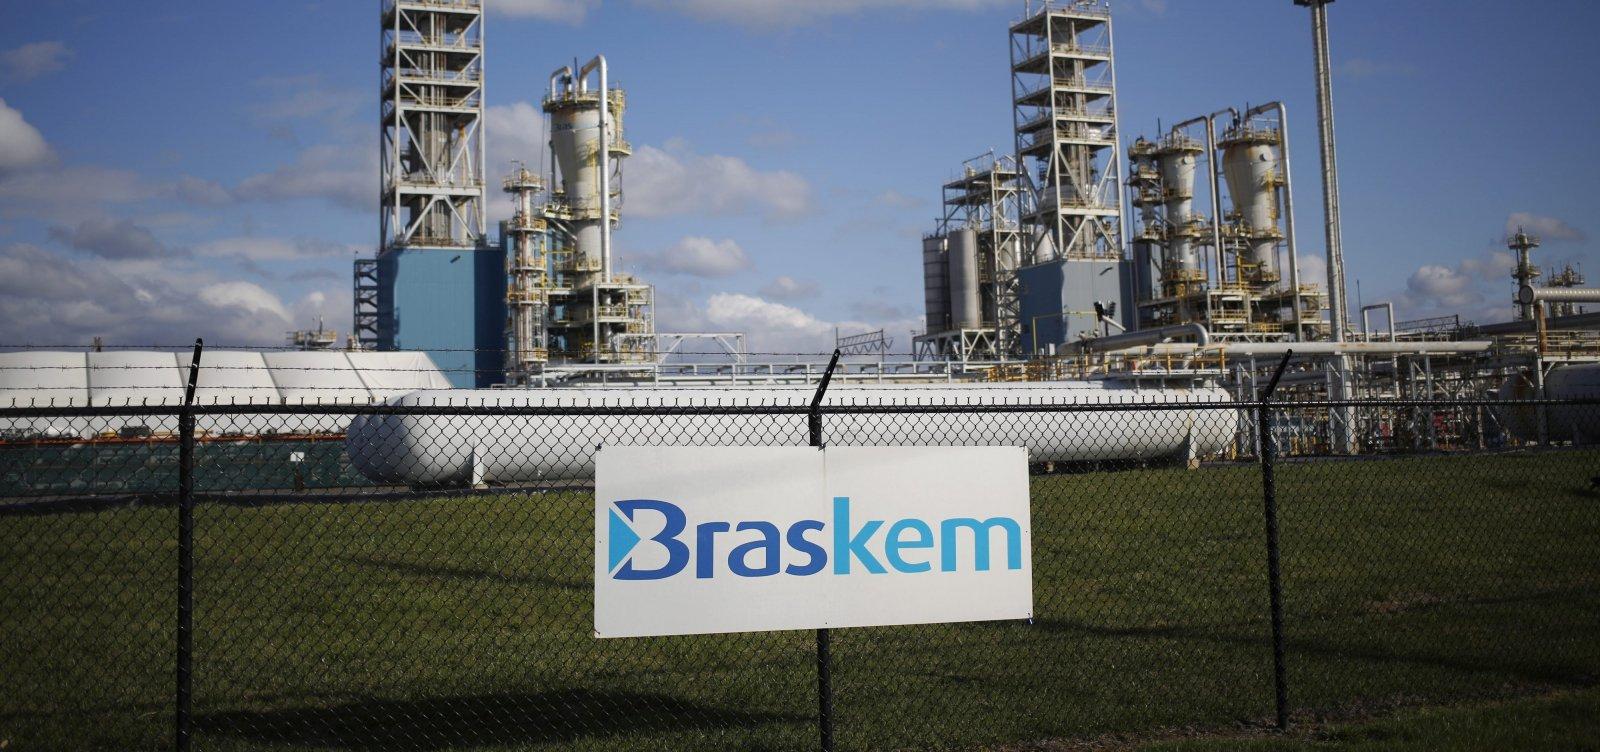 [Após acordo Braskem terá de devolver R$ 2,87 bilhões à União e à Petrobras]